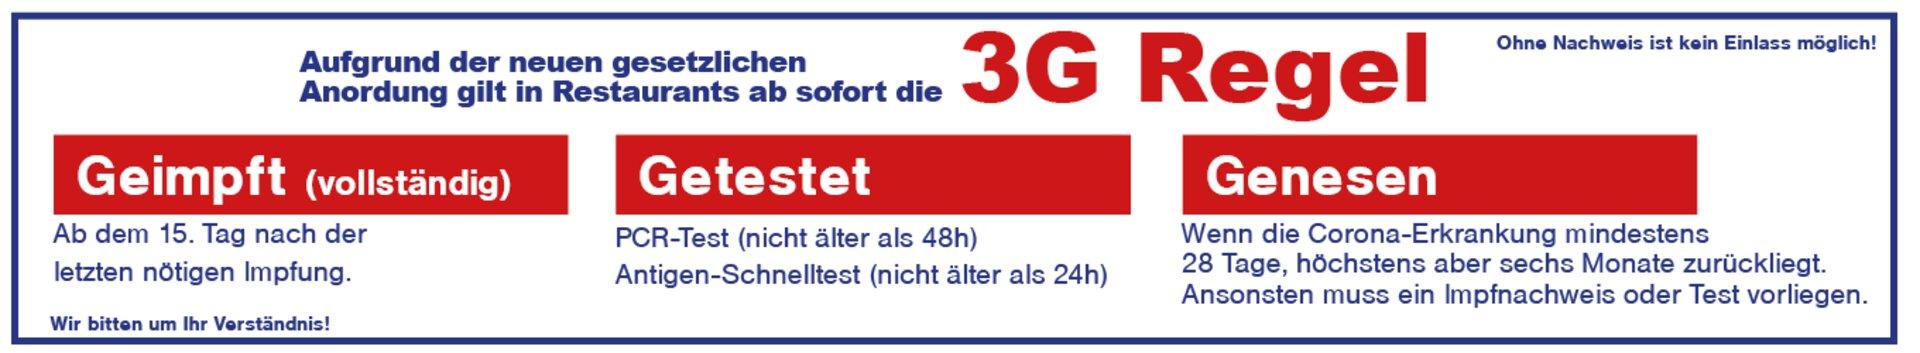 3G-Regel bezüglich Corona